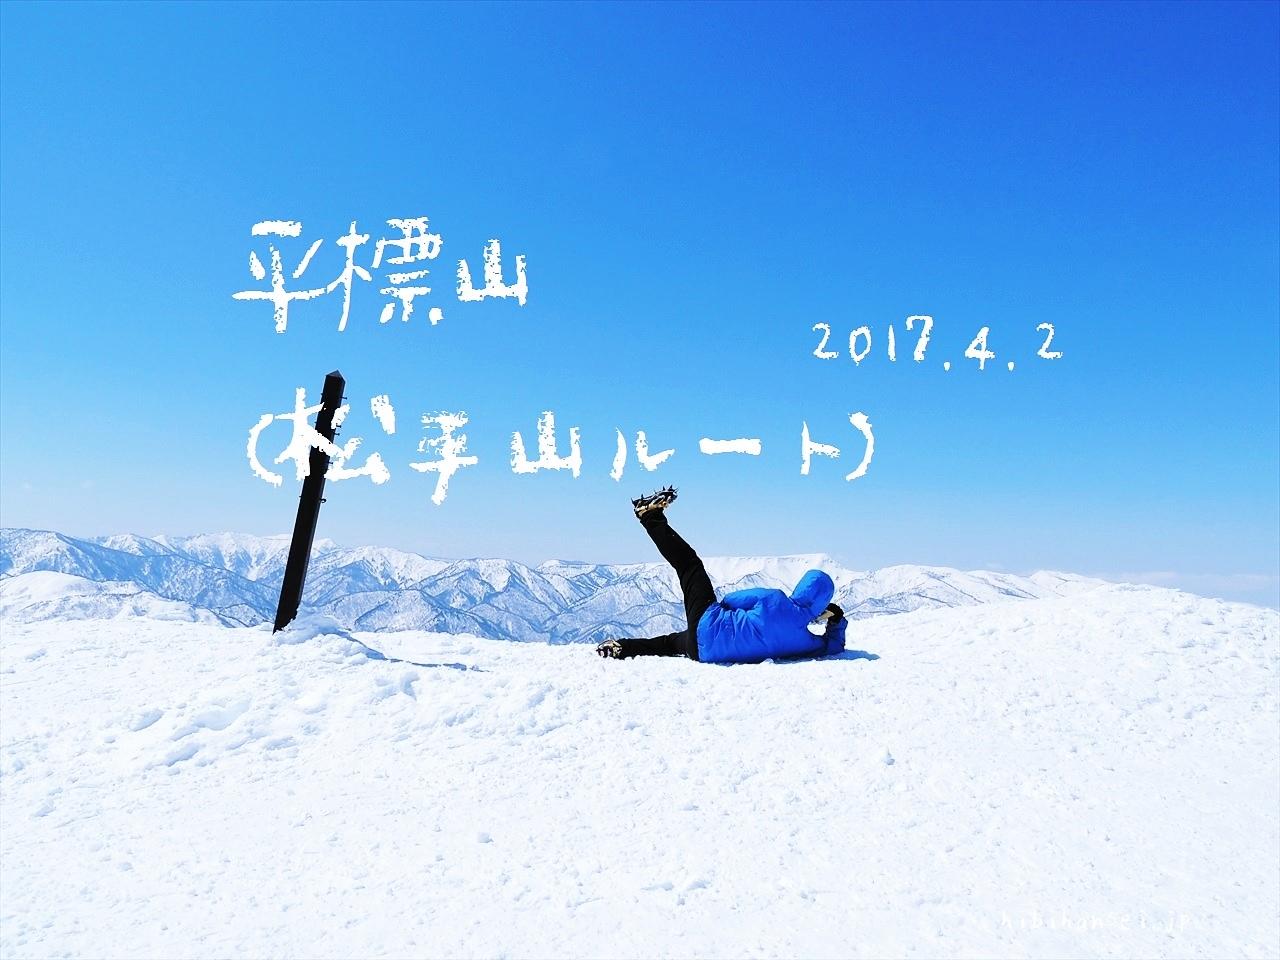 平標山 雪山登山(松手山ルート) 残雪と自然美が広がる無冠の名峰(2017.4.2)